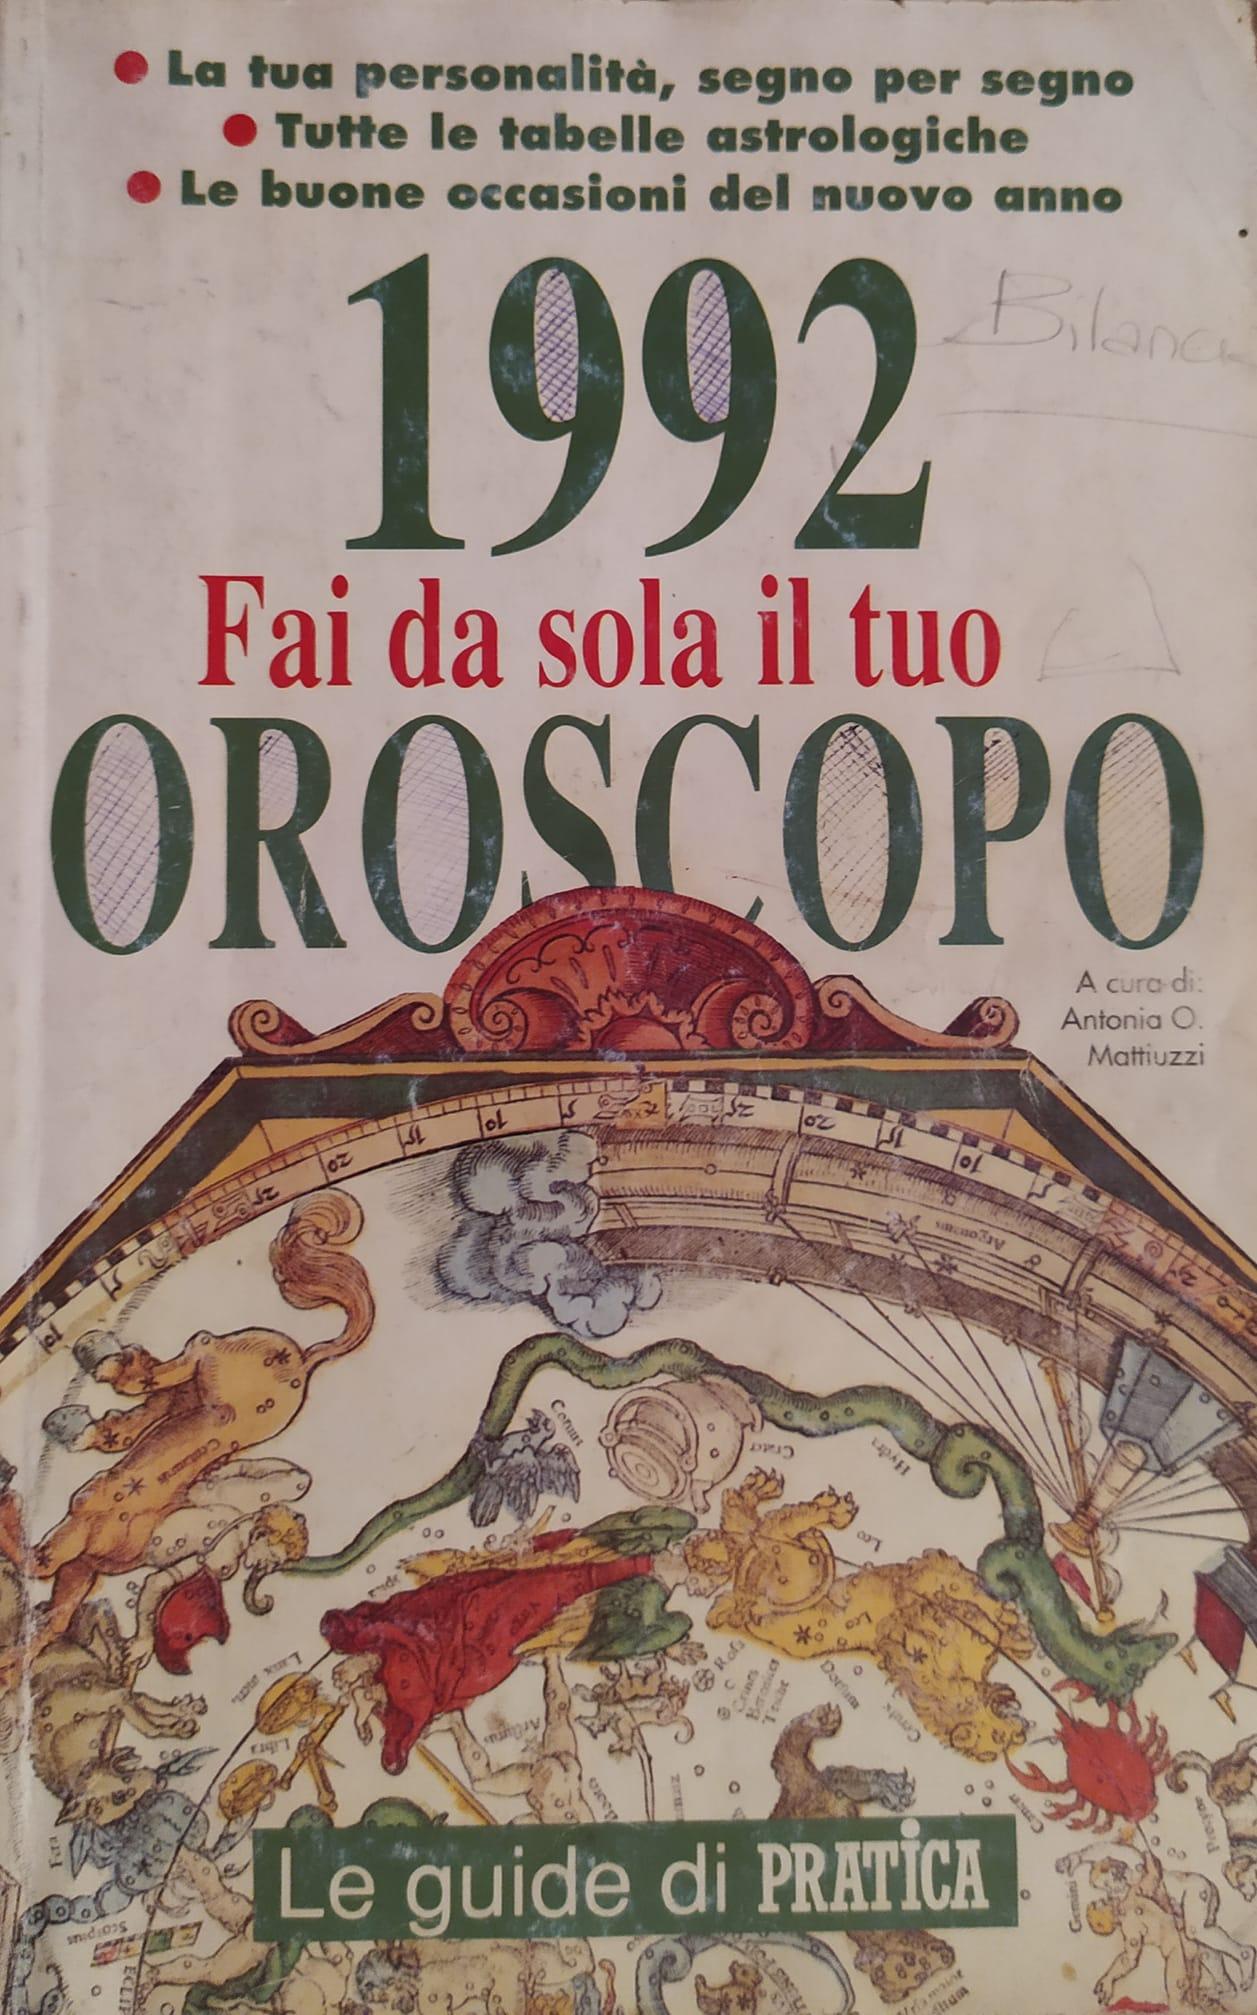 1992 Fai da sola il tuo oroscopo